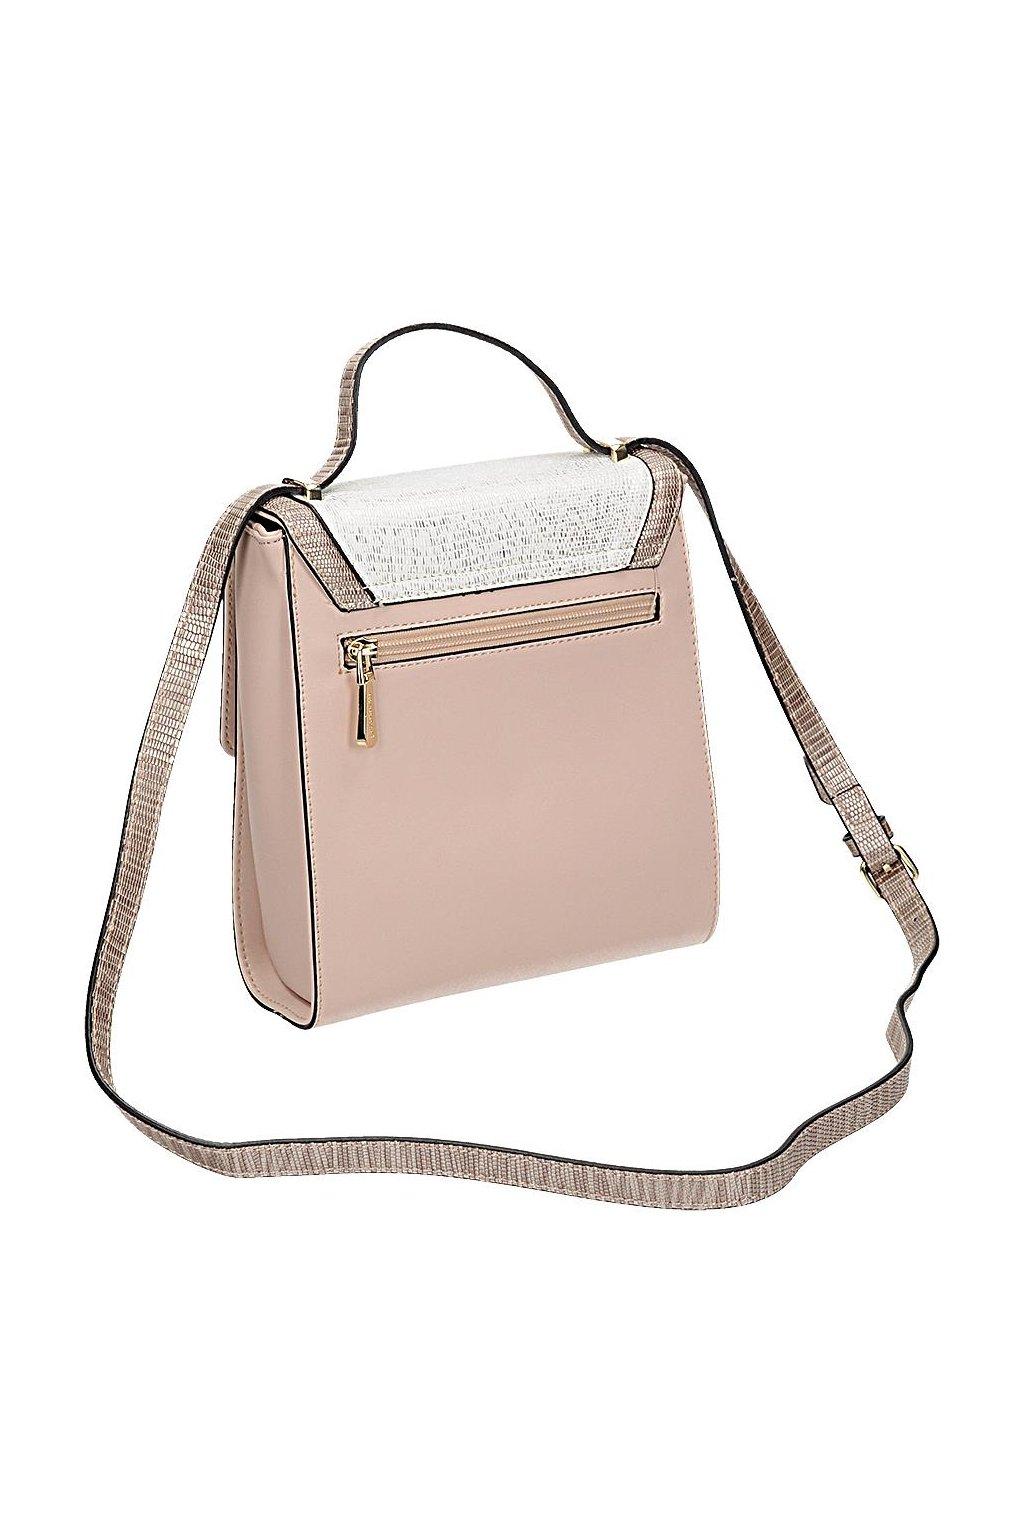 Ružová crossbody kabelka MONNARI BAG4320  b6cdfec94eb